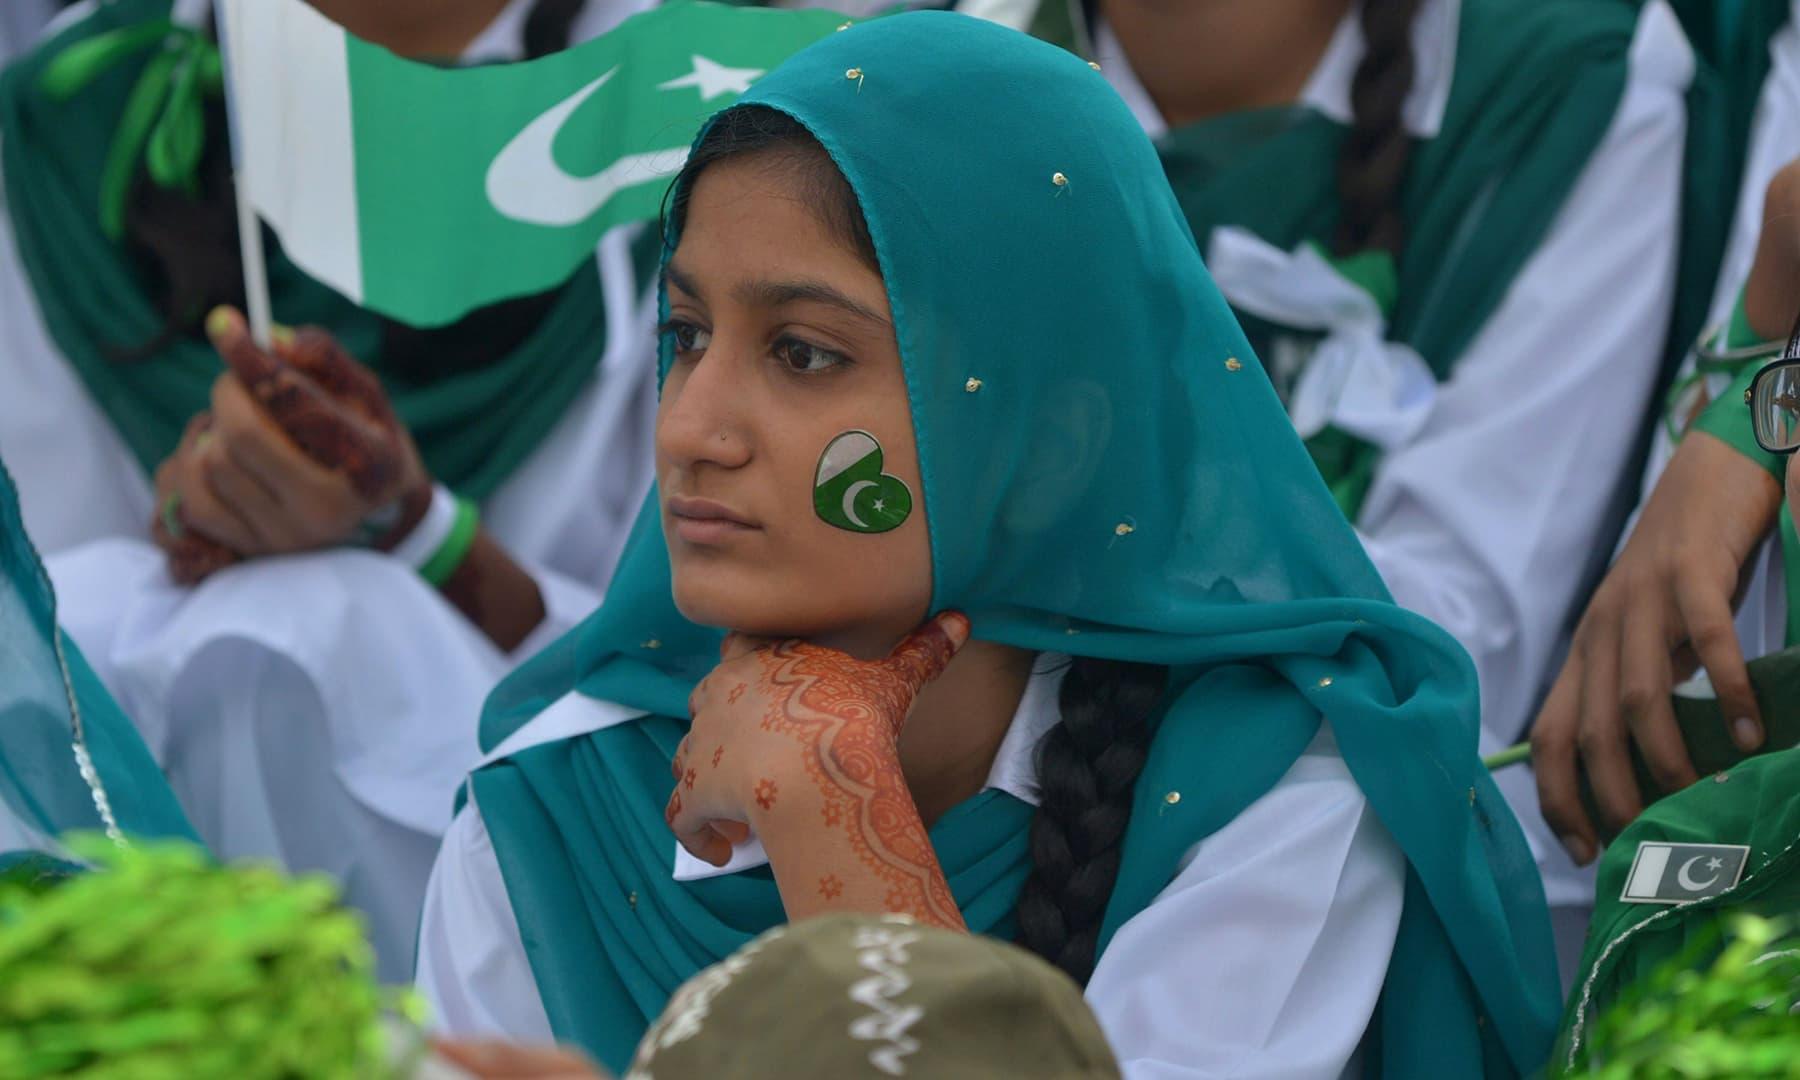 پاکستانی طالب علموں نے قائد اعظم کے مزار پر منعقد یوم آزادی کی تقریب میں شرکت کی — فوٹو اے ایف پی